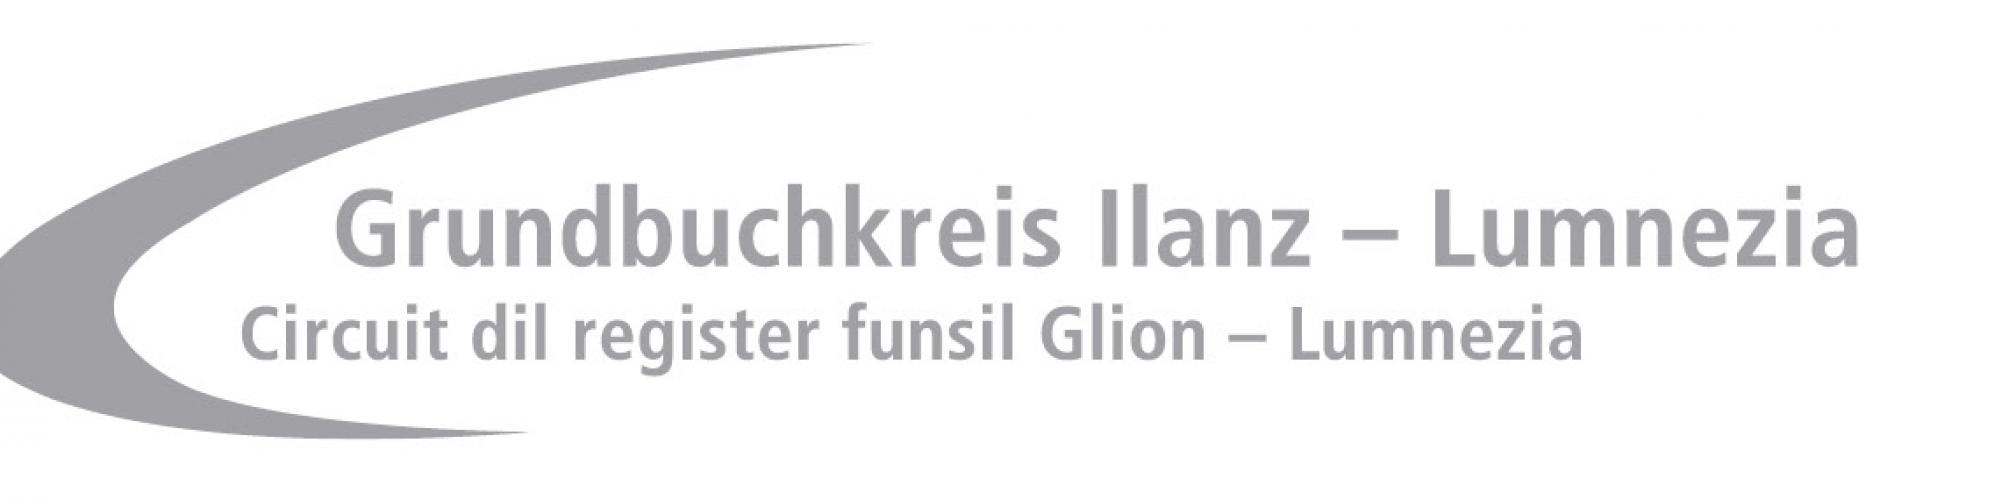 Grundbuchkreis Ilanz - Lumnezia